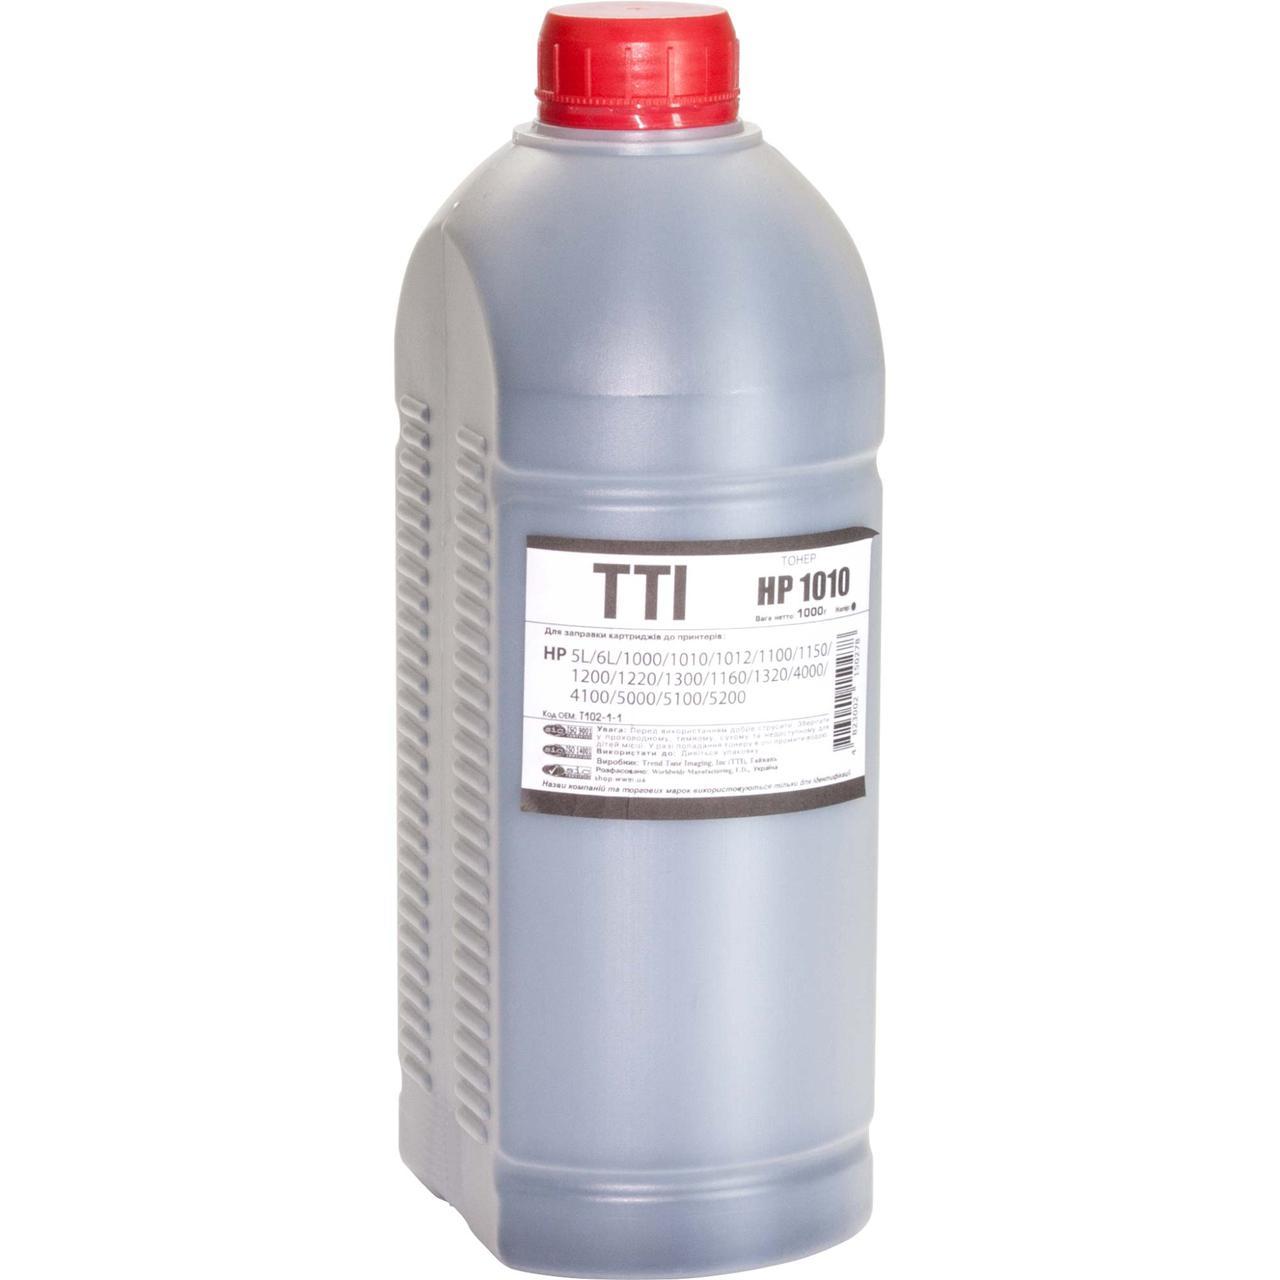 Тонер TTI для HP LJ 1010/1200/P2015 бутль 1000г (T102-1-1)